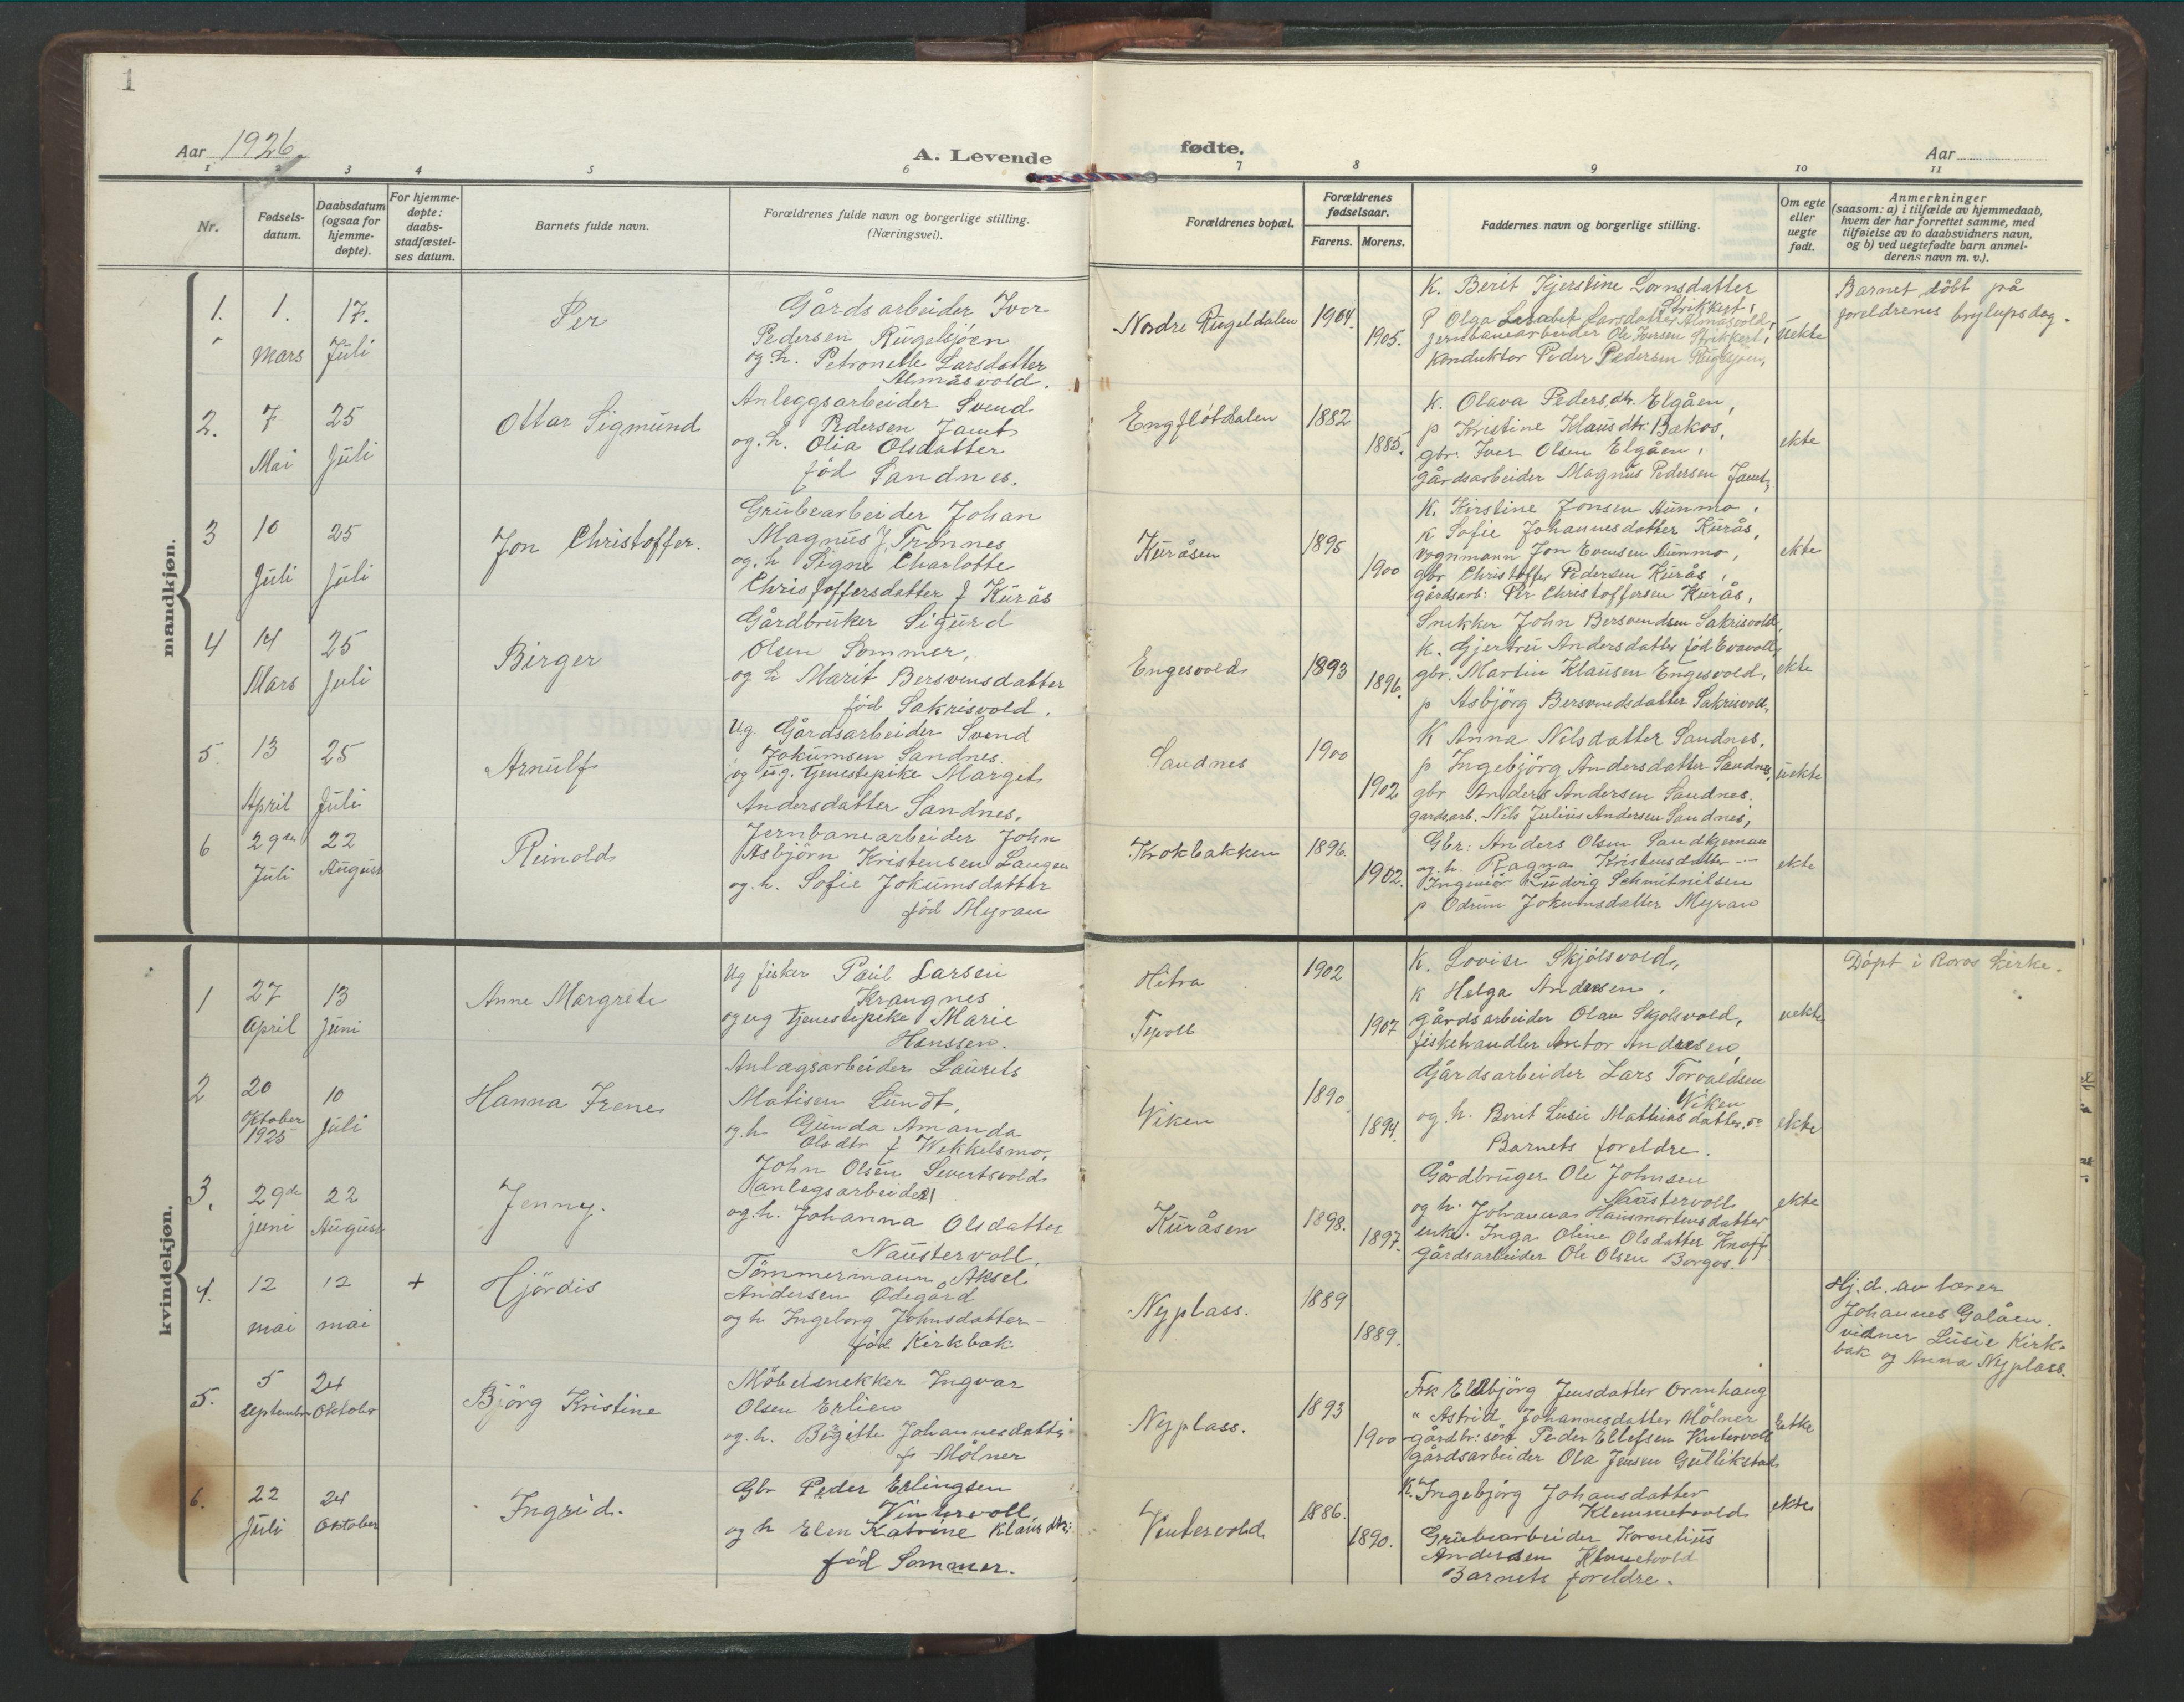 SAT, Ministerialprotokoller, klokkerbøker og fødselsregistre - Sør-Trøndelag, 682/L0947: Klokkerbok nr. 682C01, 1926-1968, s. 1